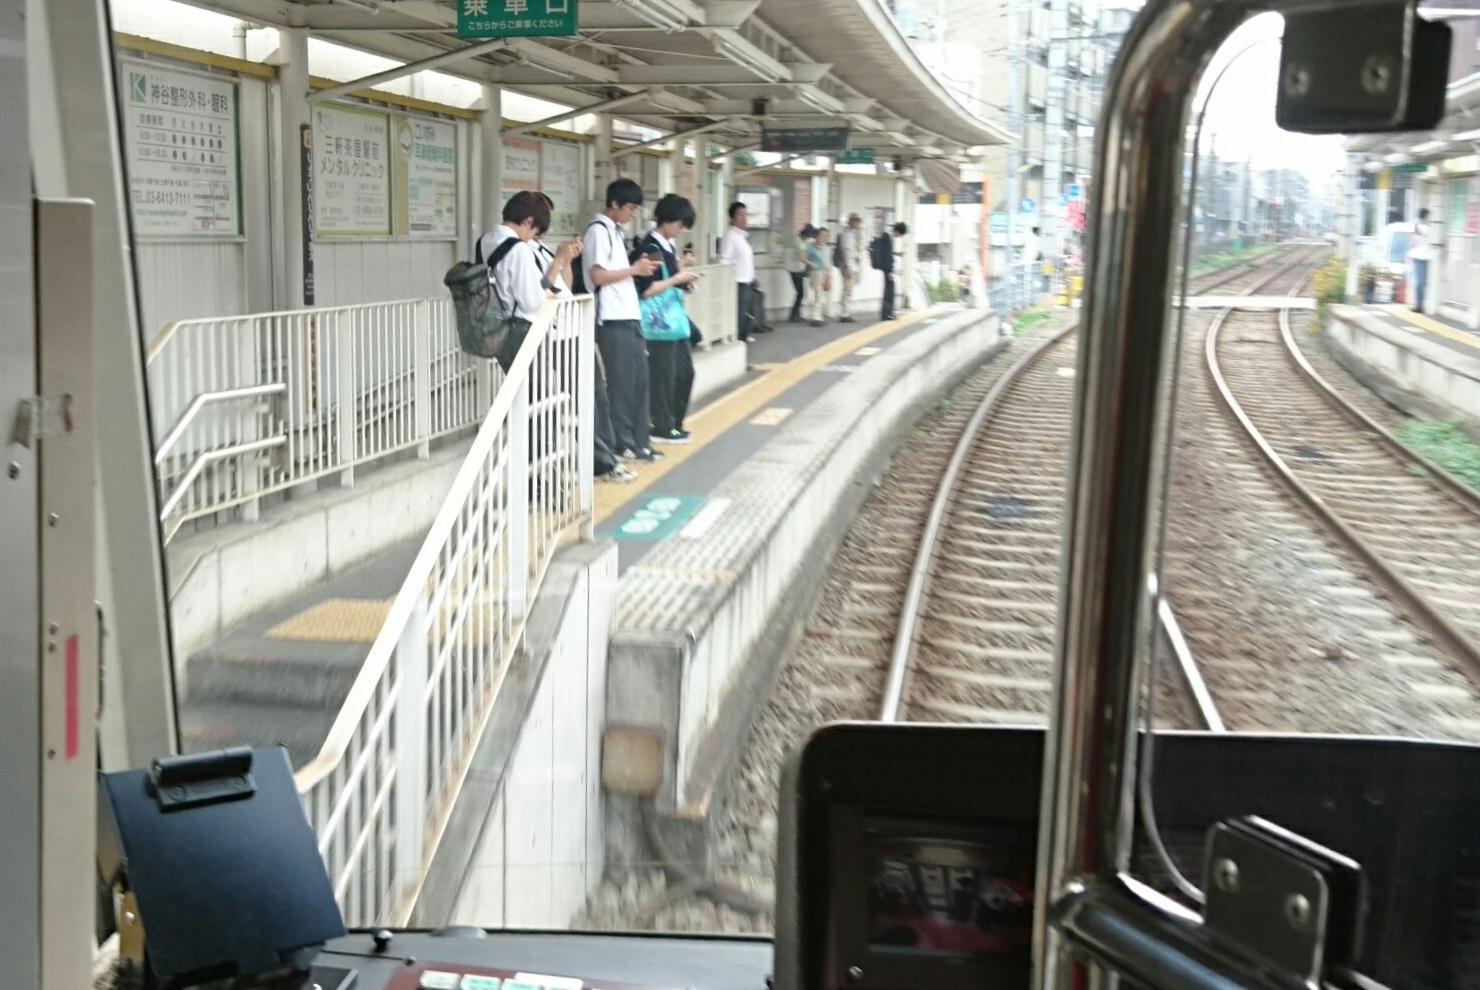 2017.10.12 東京 (115) 下高井戸いきふつう - 松陰神社前 1480-990